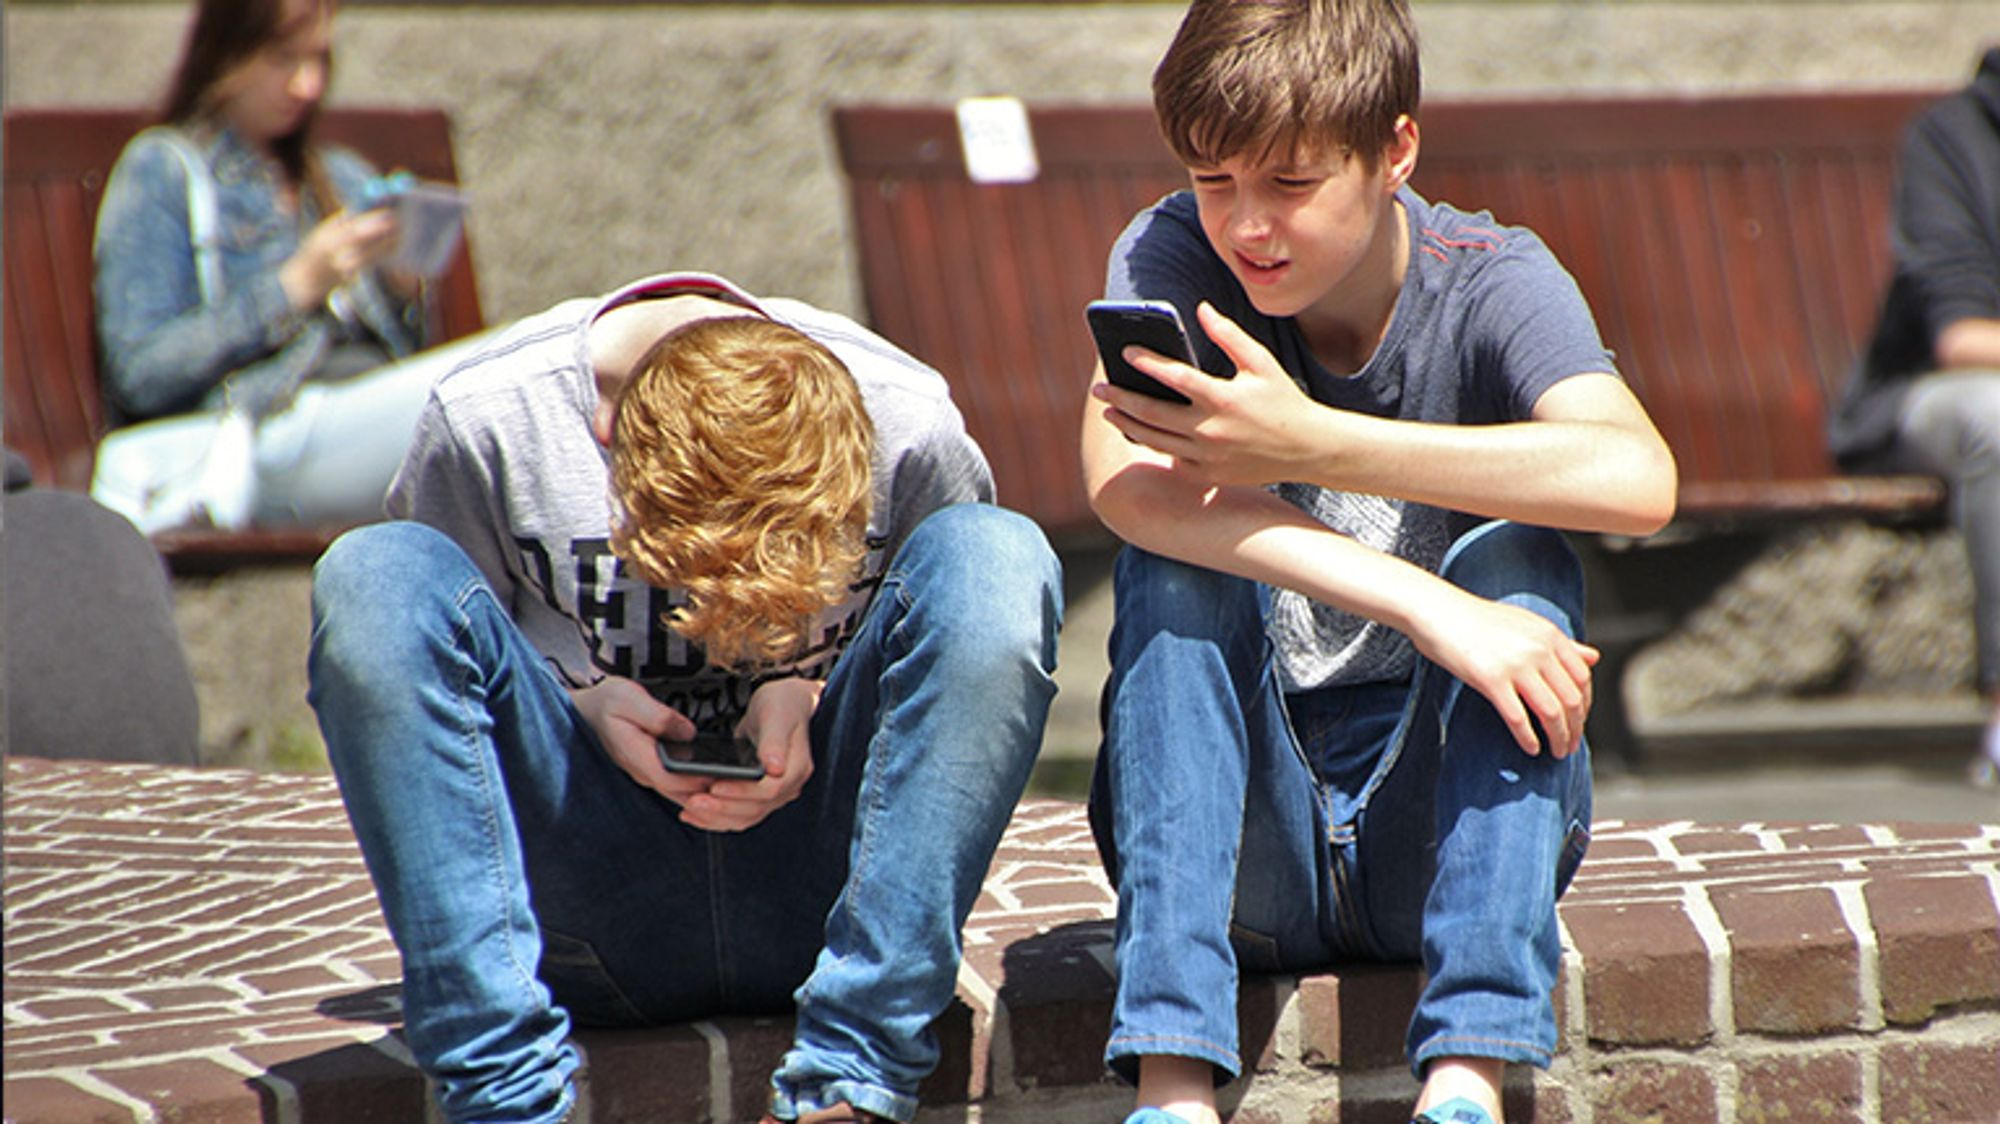 Två pojkar som sitter utomhus och tittar på sina mobiltelefoner